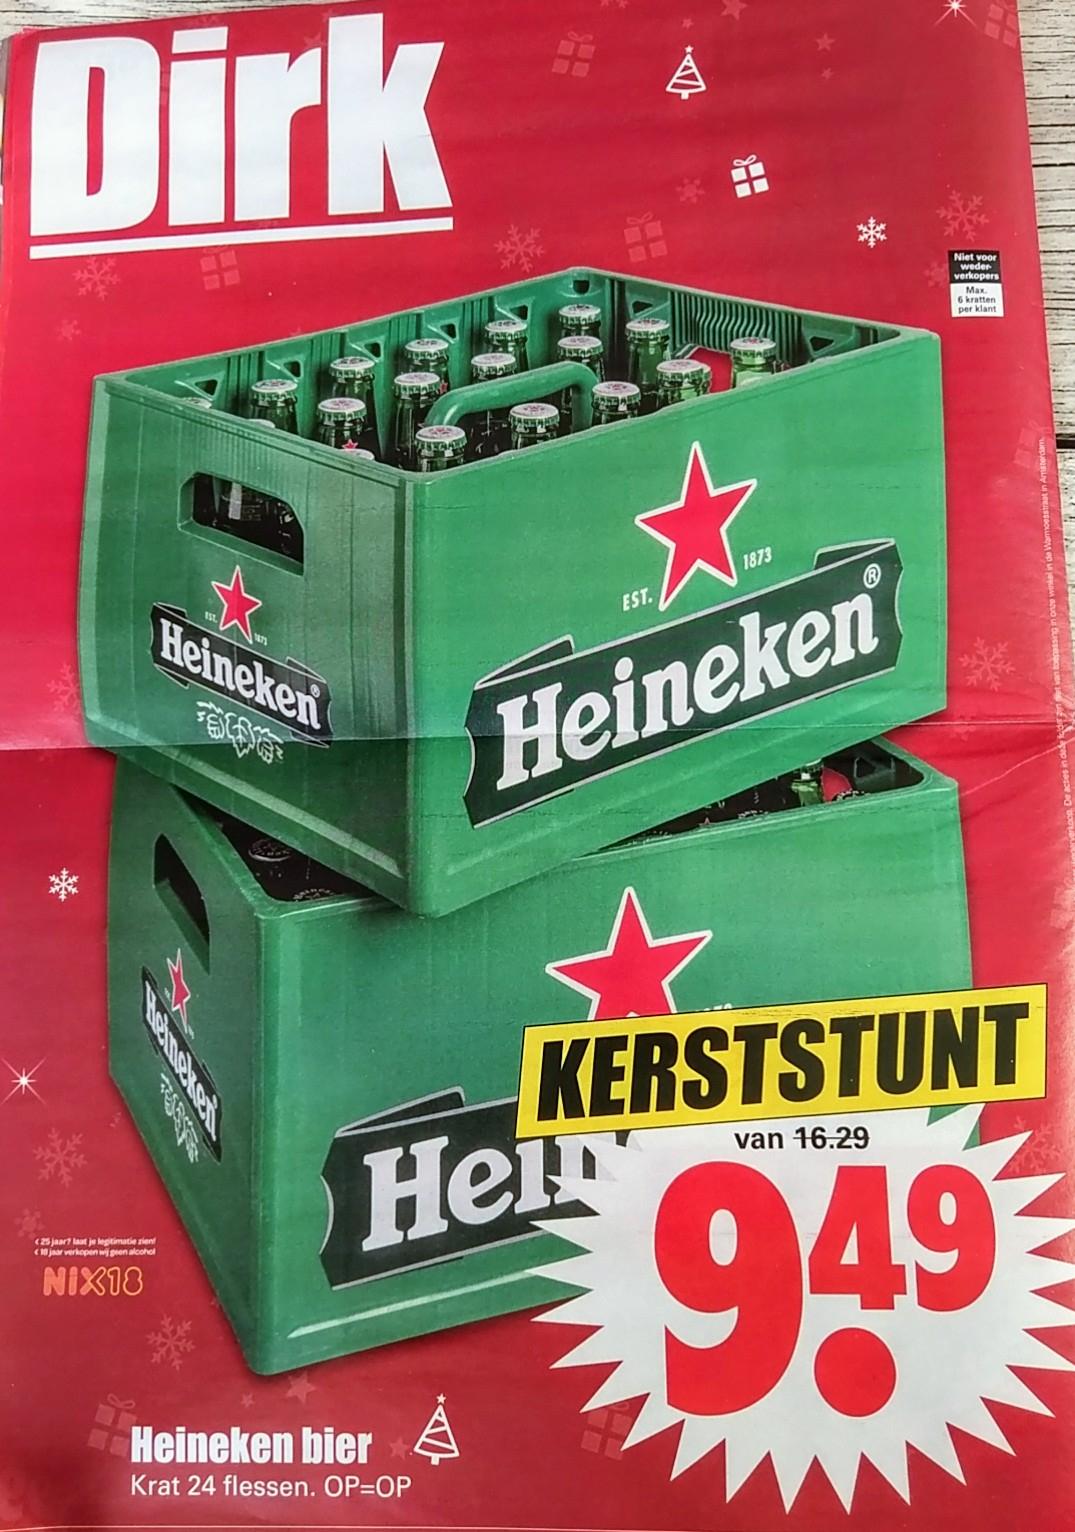 Krat Heineken bier bij Dirk